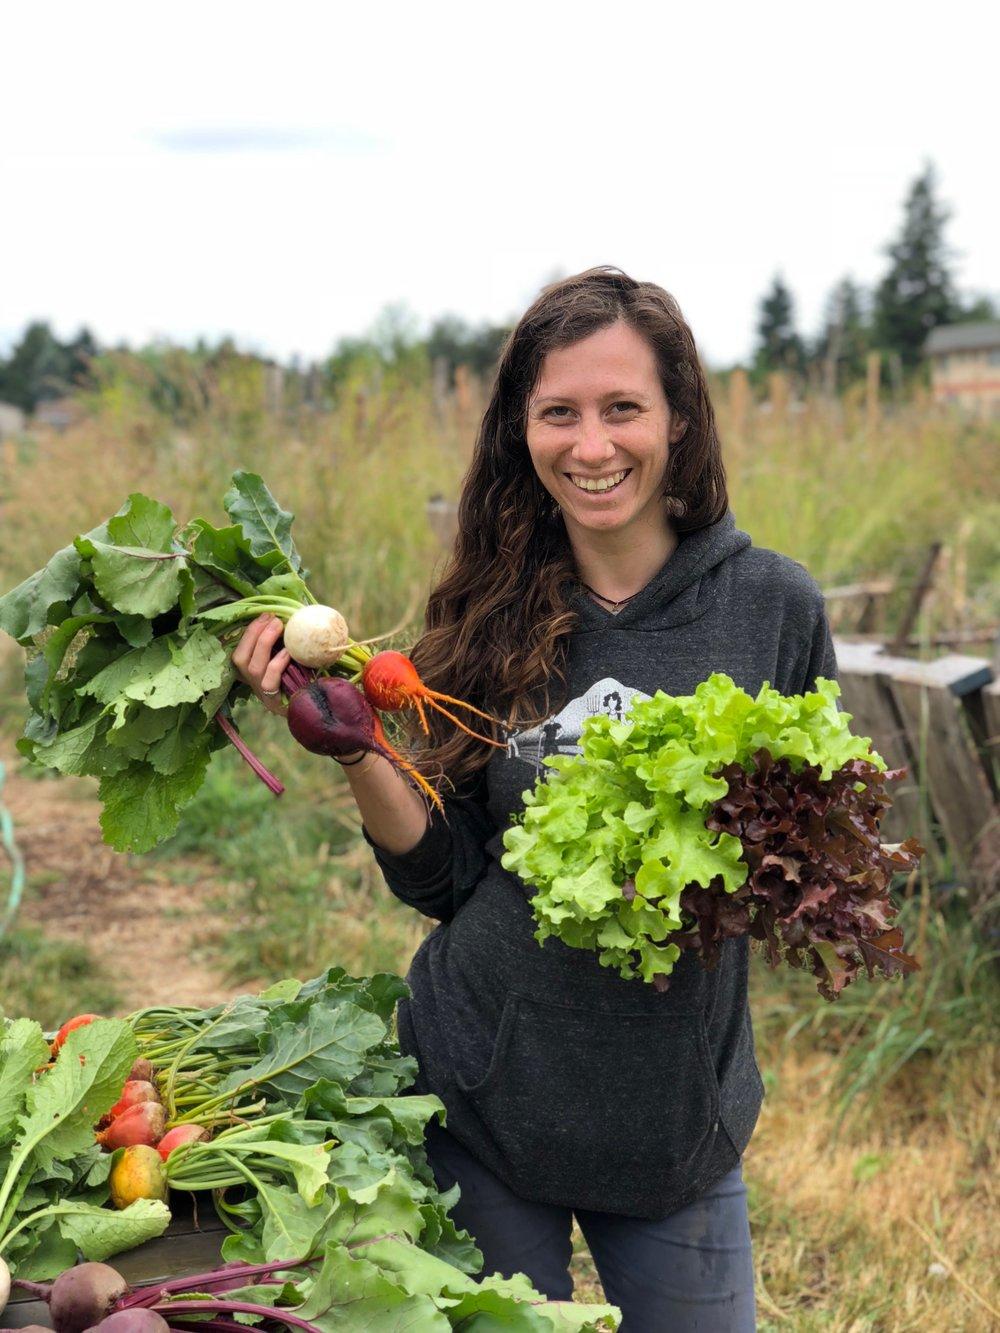 Jessie Weir, Home Garden Mentor